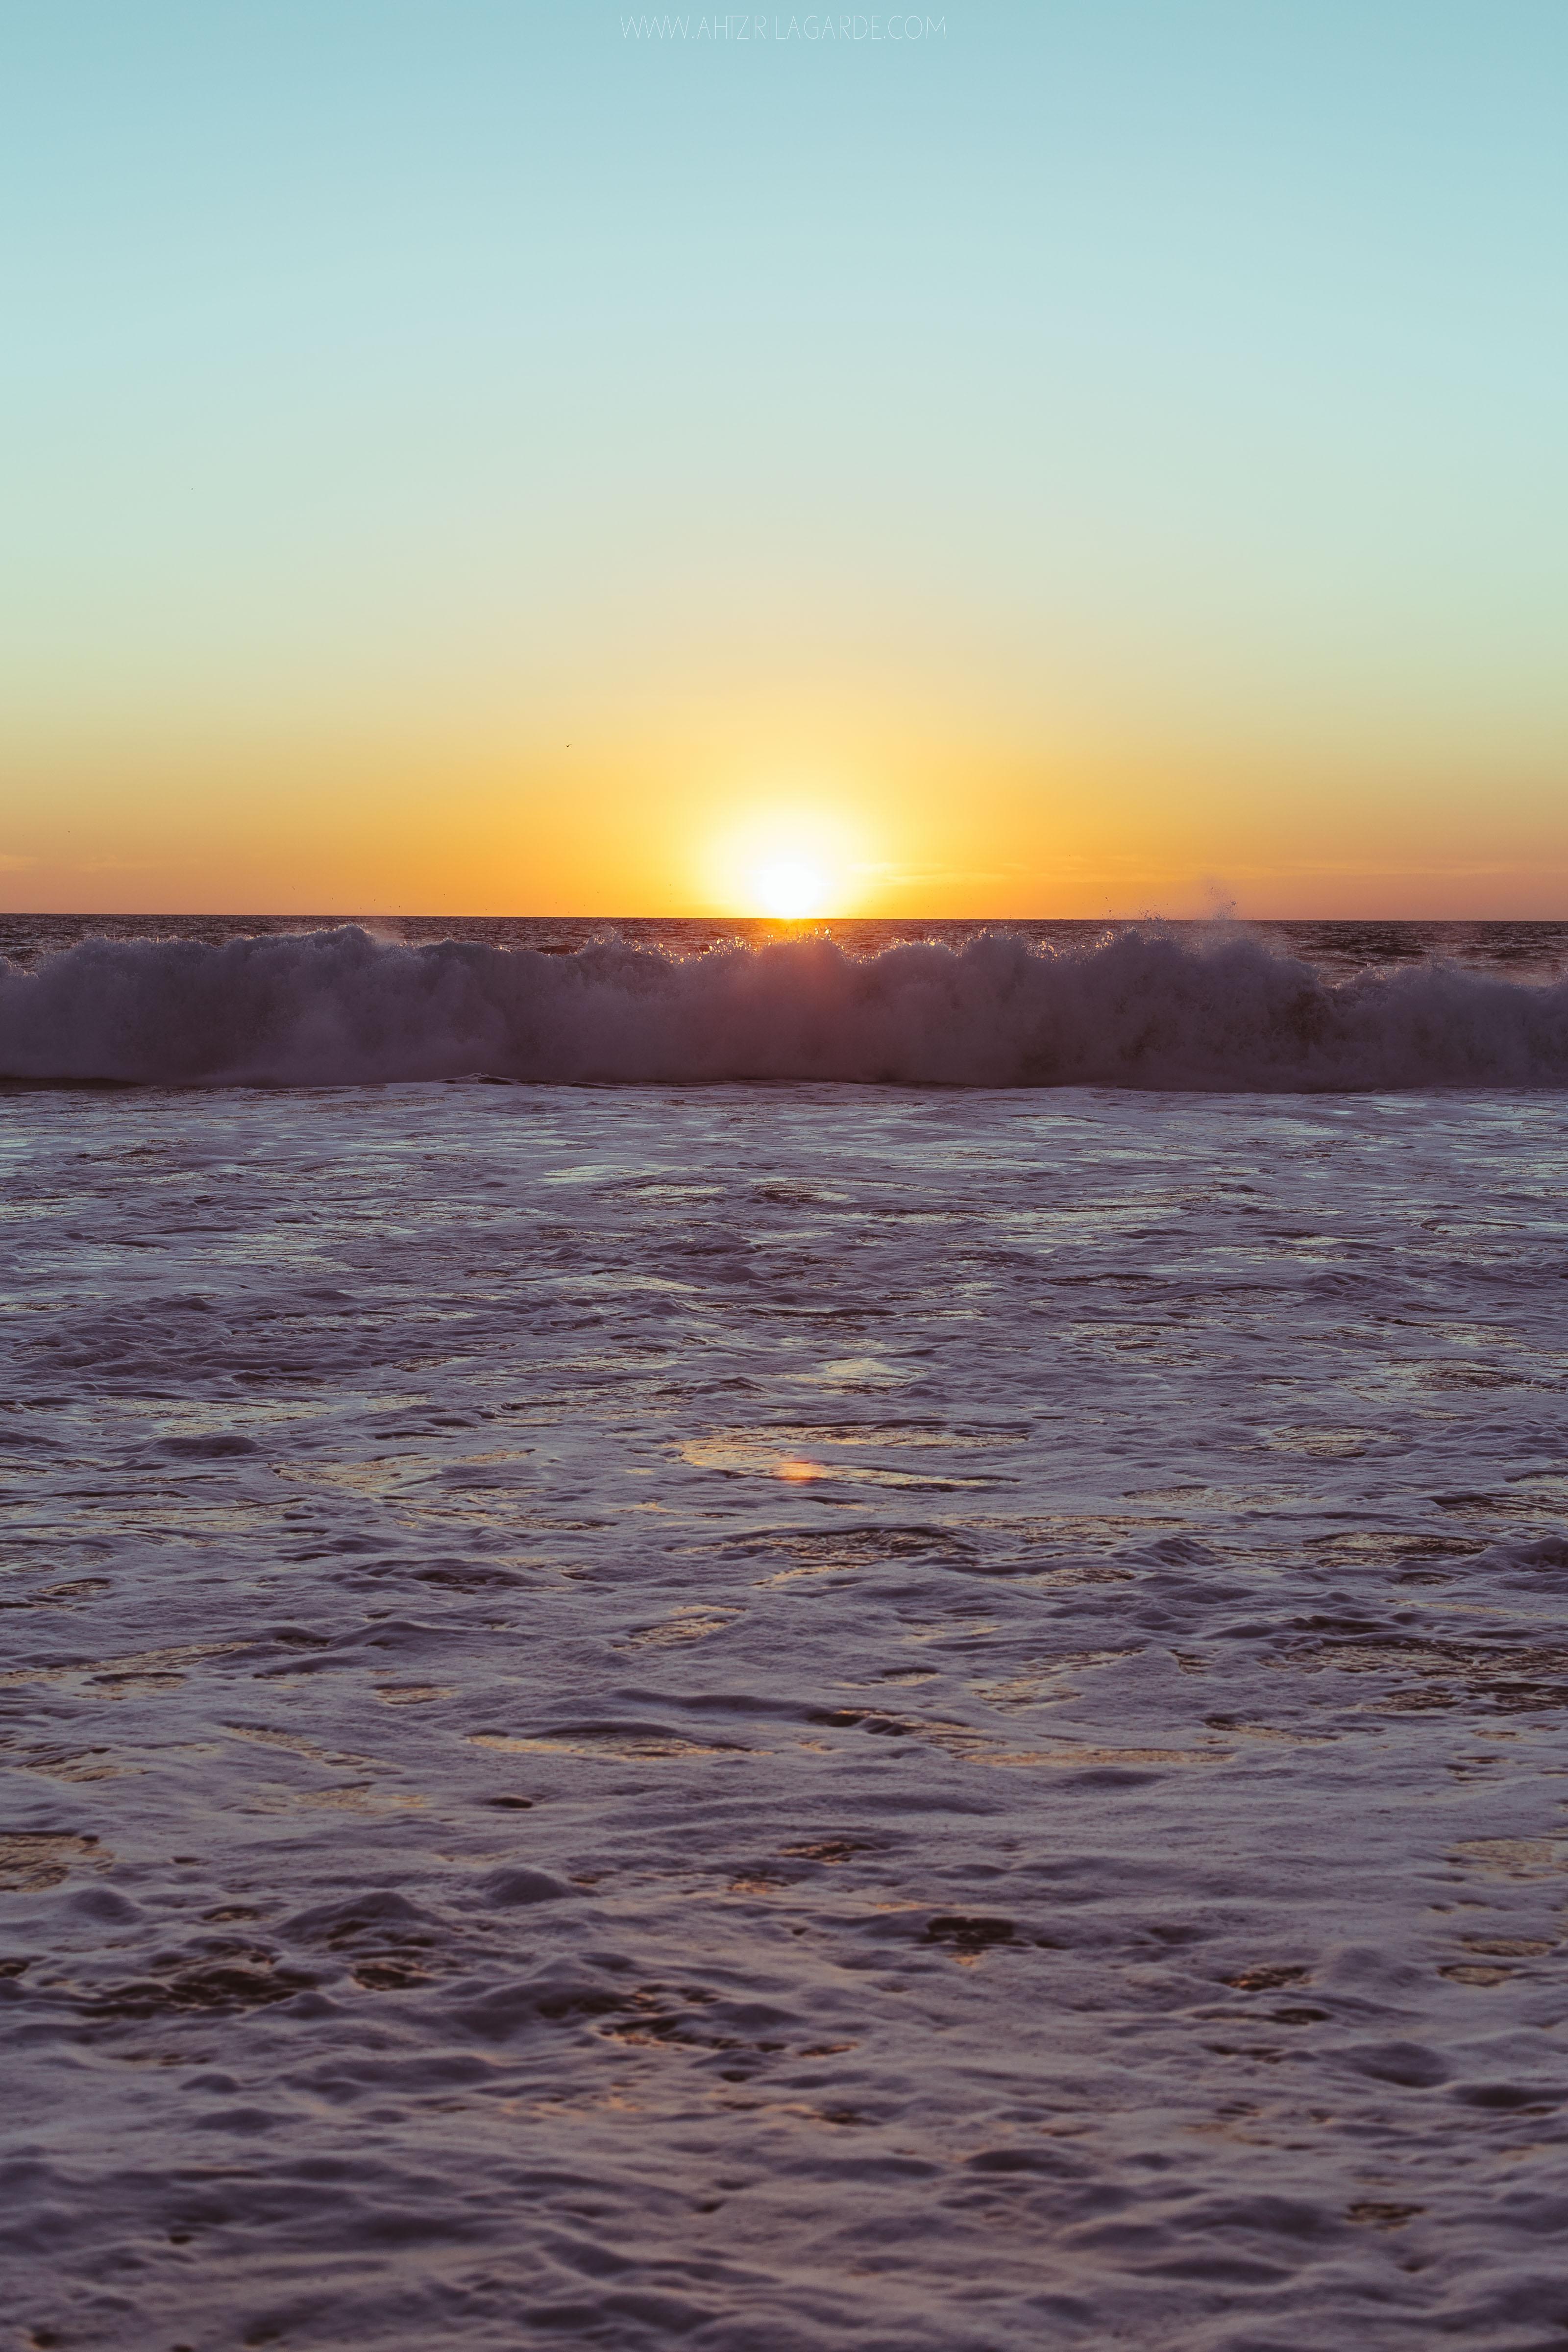 Puerto Escondido's Oaxaca sunset